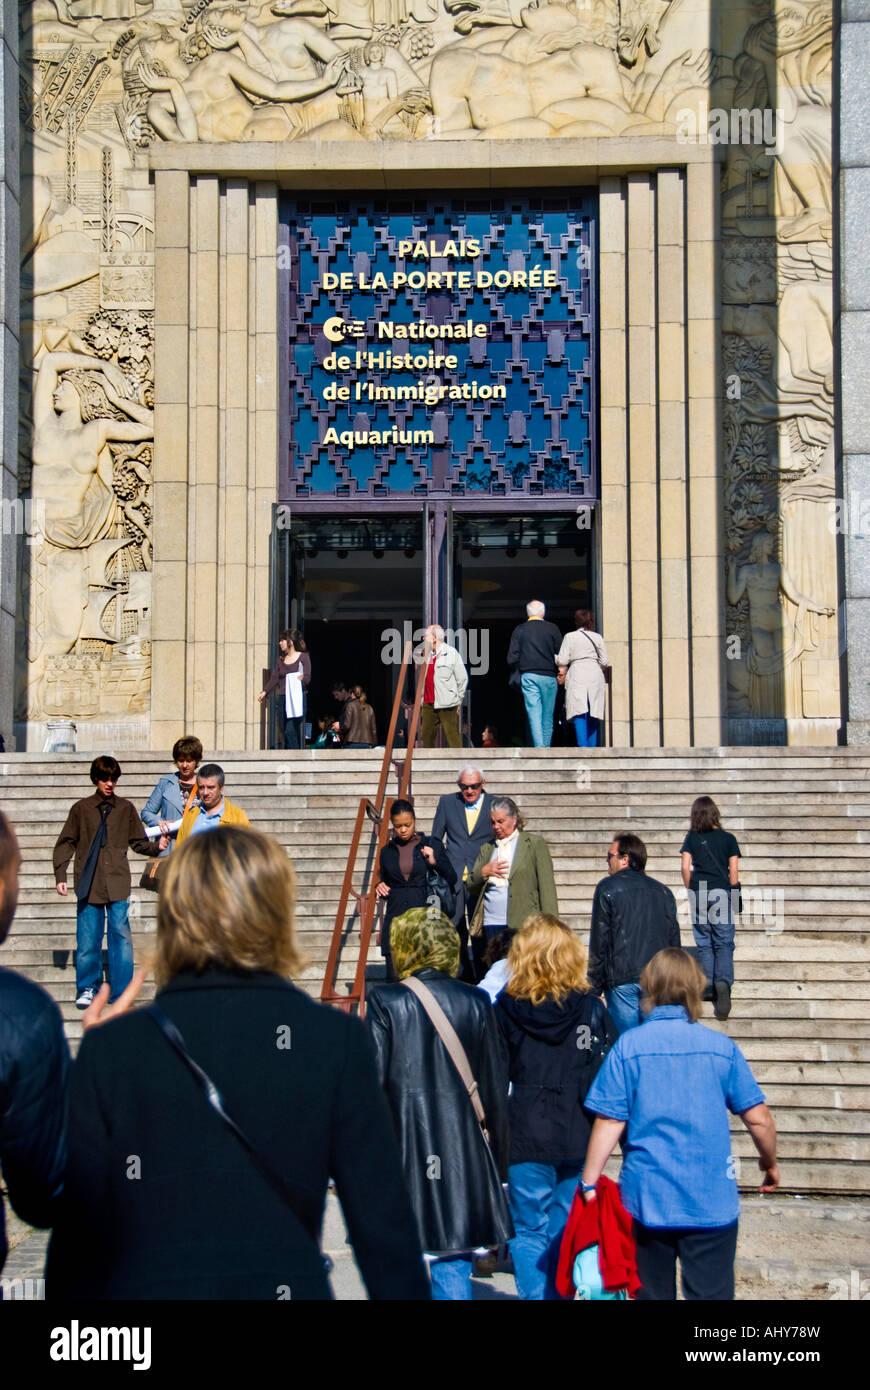 Cité Nationale De L'histoire De L'immigration : cité, nationale, l'histoire, l'immigration, Museum, History, Immigration, Paris, Resolution, Stock, Photography, Images, Alamy